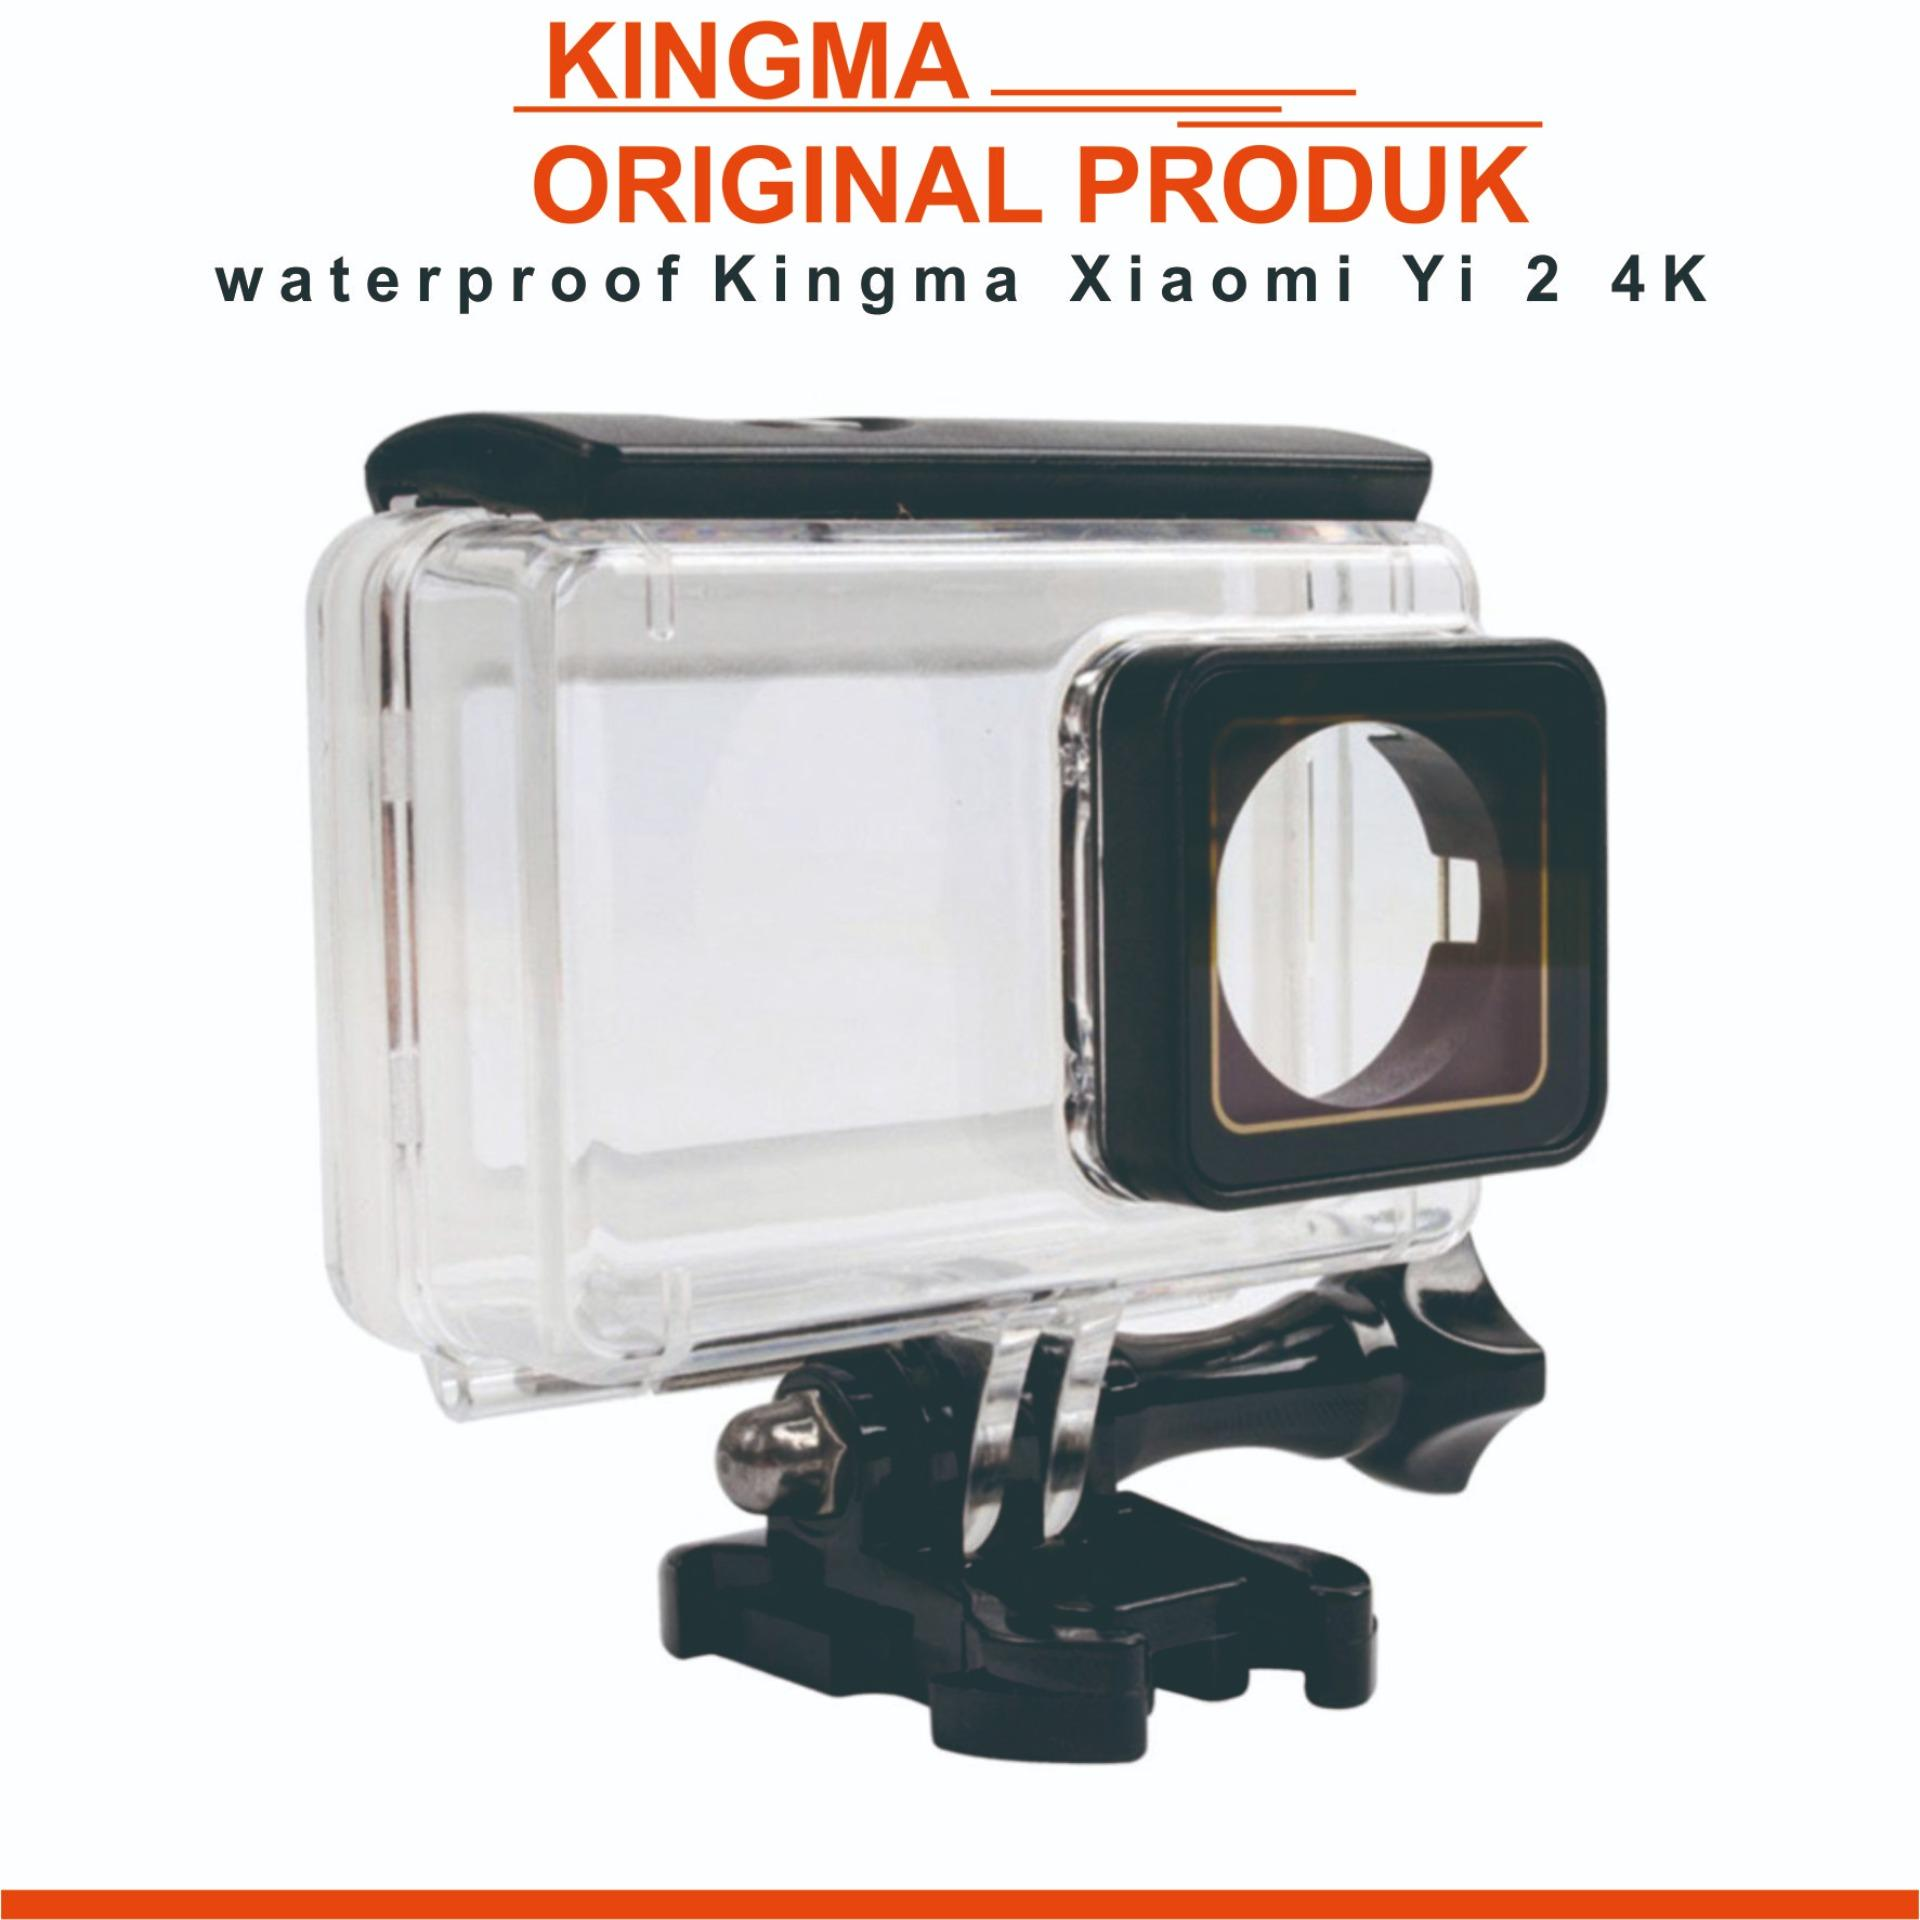 KingMa Original Waterproof Case for Xiaomi Yi 2 4K